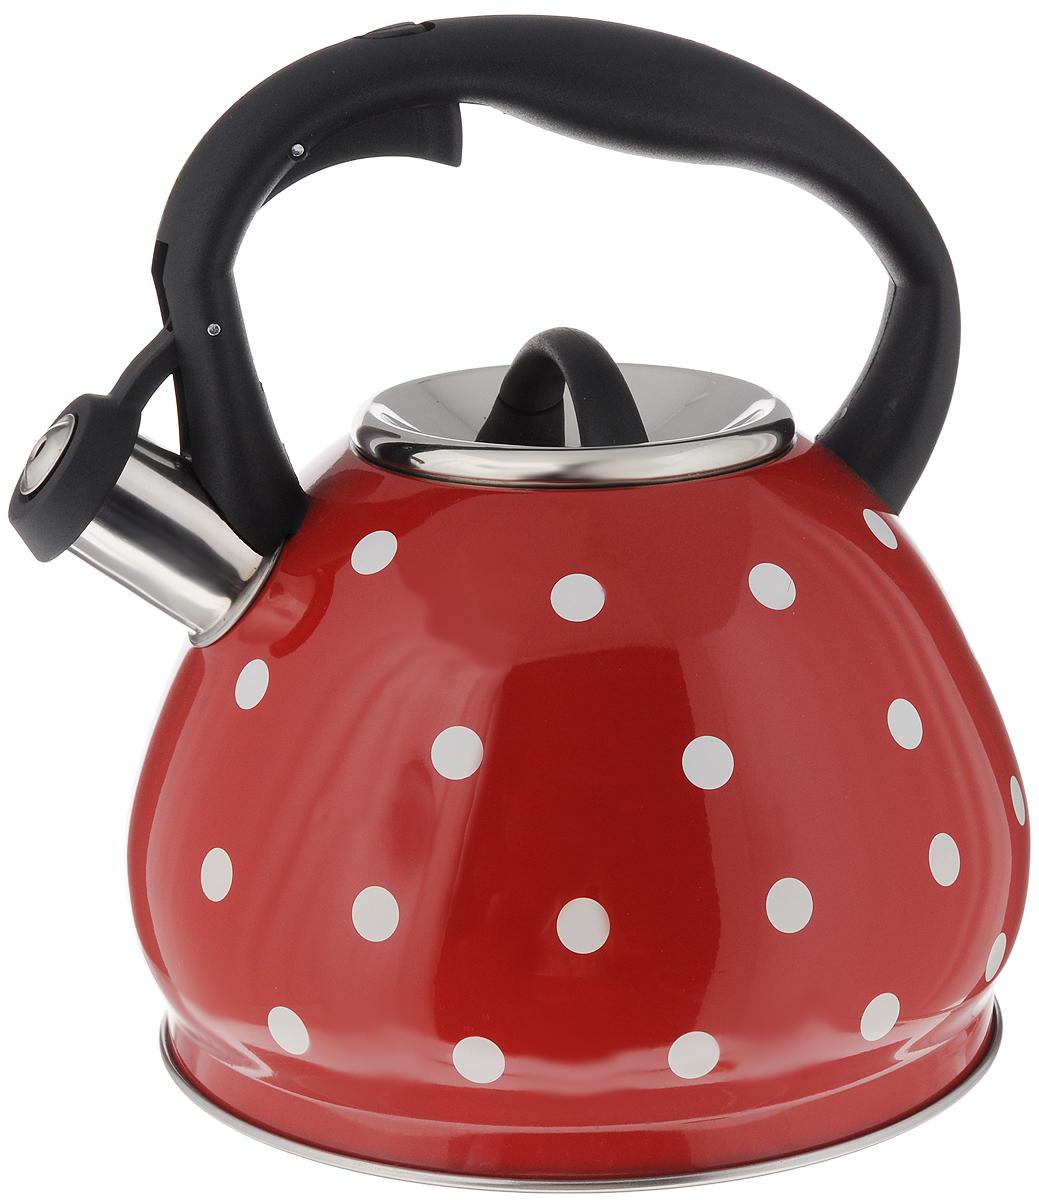 Чайник Hoffmann, со свистком, цвет: красный, черный, 3,5 лНМ 5512/ВЧайник Hoffmann выполнен из высококачественной нержавеющей стали, что делает его весьма гигиеничным и устойчивым к износу при длительном использовании. Носик чайника оснащен насадкой-свистком, что позволит вам контролировать процесс подогрева или кипячения воды. Фиксированная ручка, изготовленная из пластика, оснащена механизмом открывания носика. Эстетичный и функциональный чайник будет оригинально смотреться в любом интерьере. Подходит для всех типов плит, включая индукционные. Можно мыть в посудомоечной машине. Высота чайника (с учетом ручки и крышки): 23 см. Диаметр чайника (по верхнему краю): 10 см. Диаметр основания: 19,5 см.